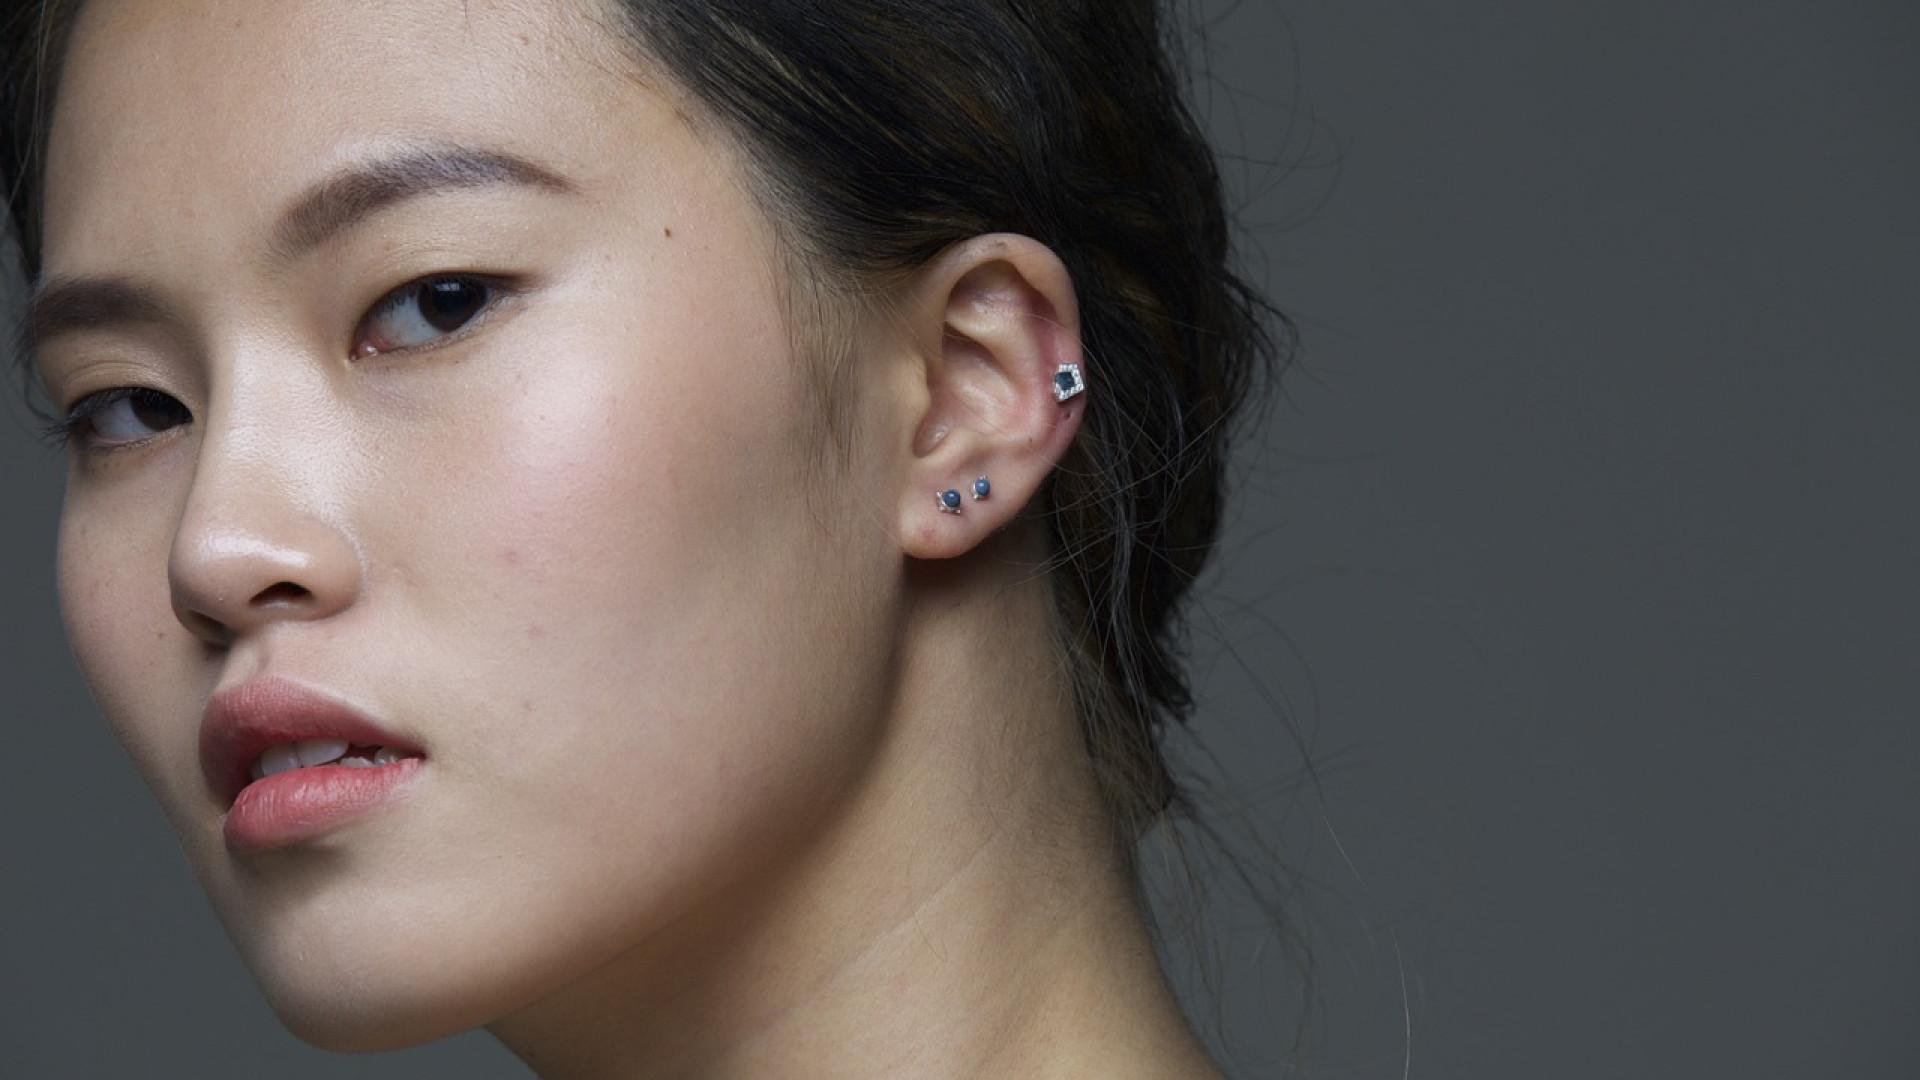 Conseil de beauté : quels piercings choisir ?